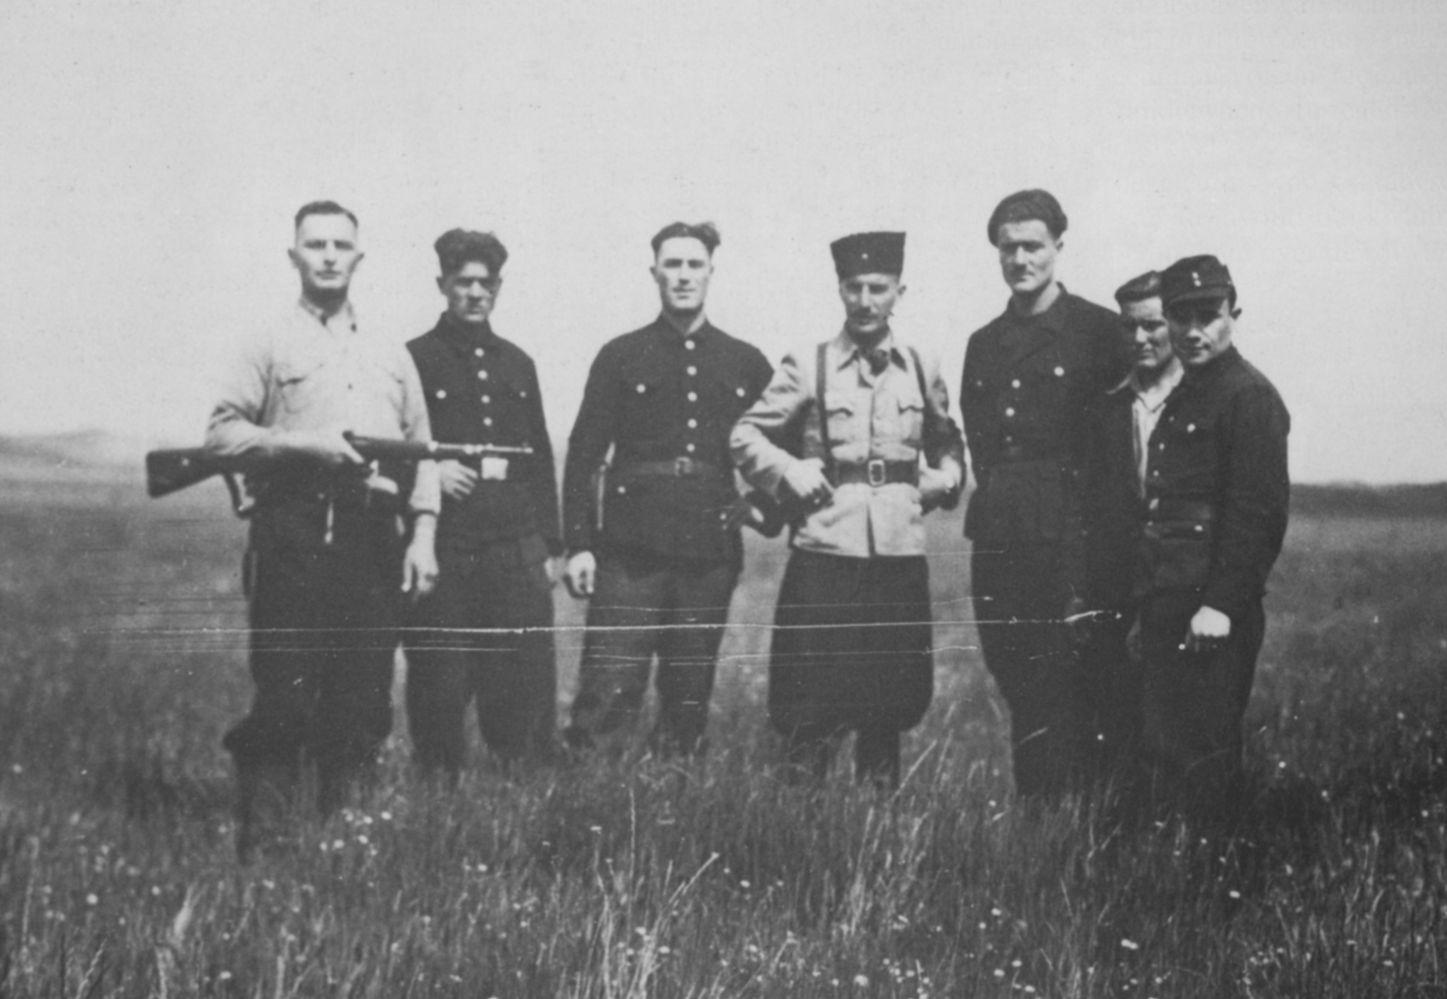 Georgische krijgsgevangenen op Texel, Tweede Wereldoorlog, 1945. Foto via LOMT.